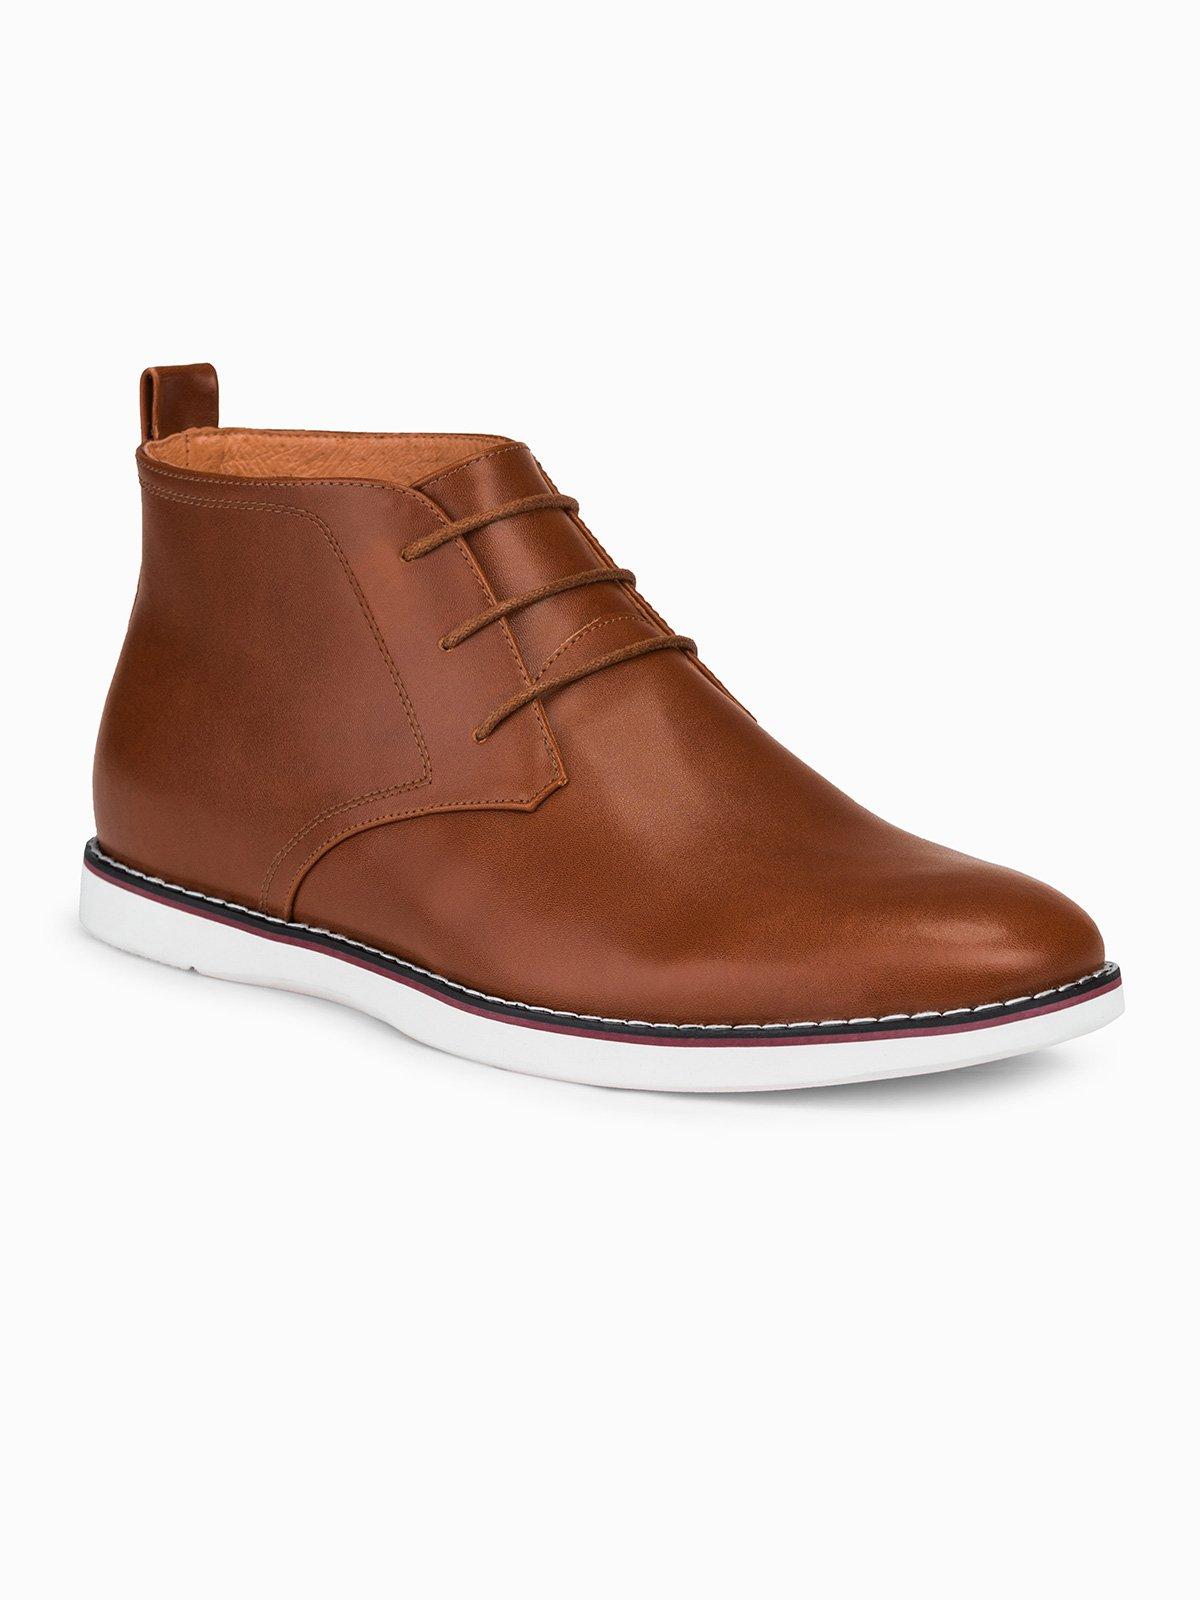 Pánské kožené boty Mosese hnědé